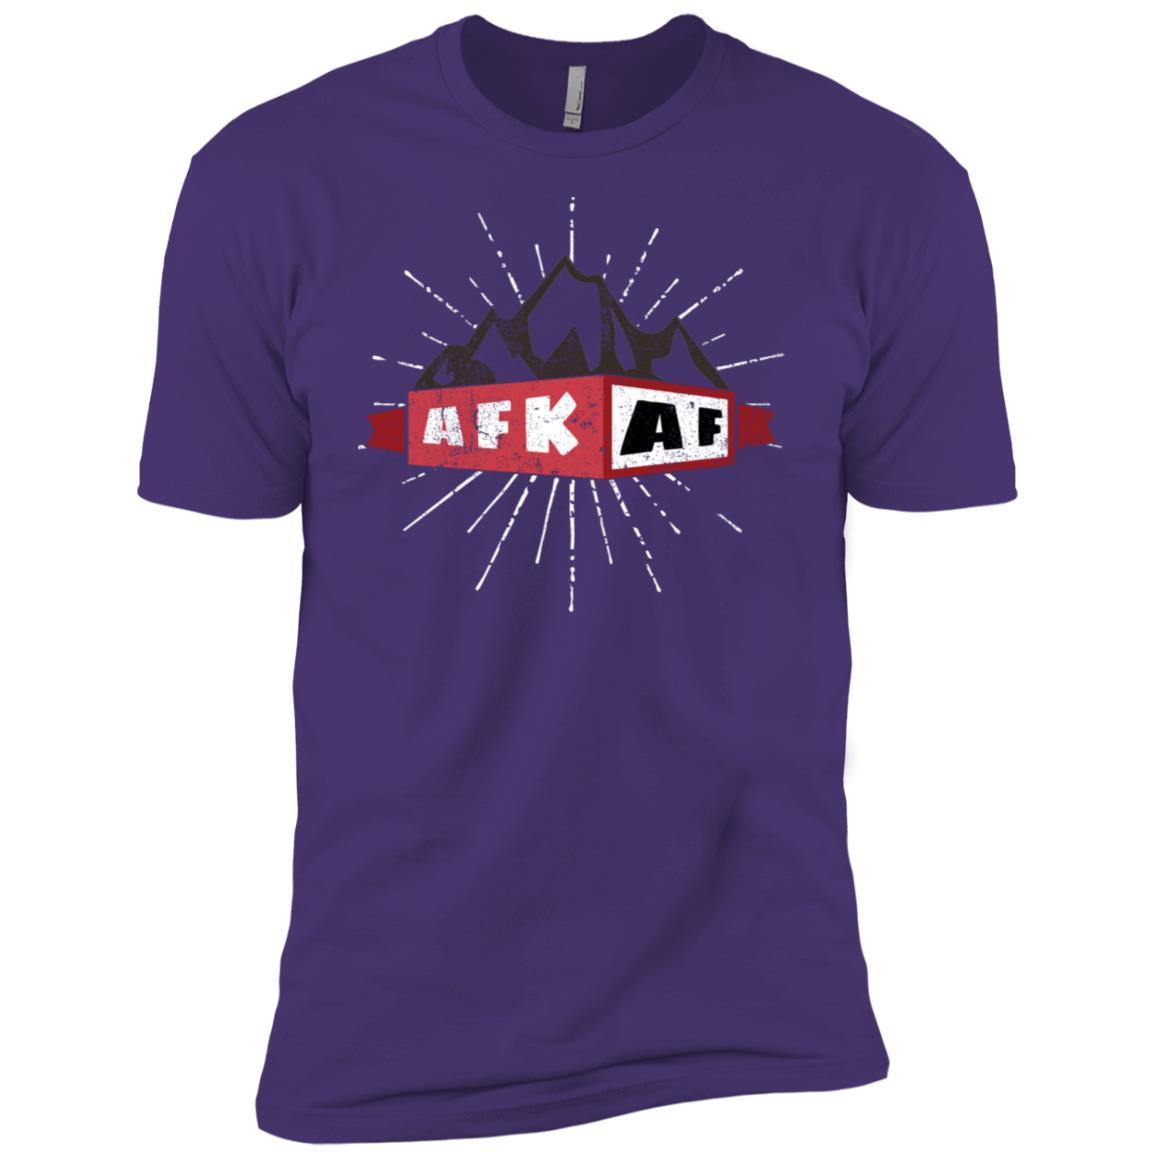 Afk Af (Away From Keyboard Af) – Funny Computer Geek Men Short Sleeve T-Shirt